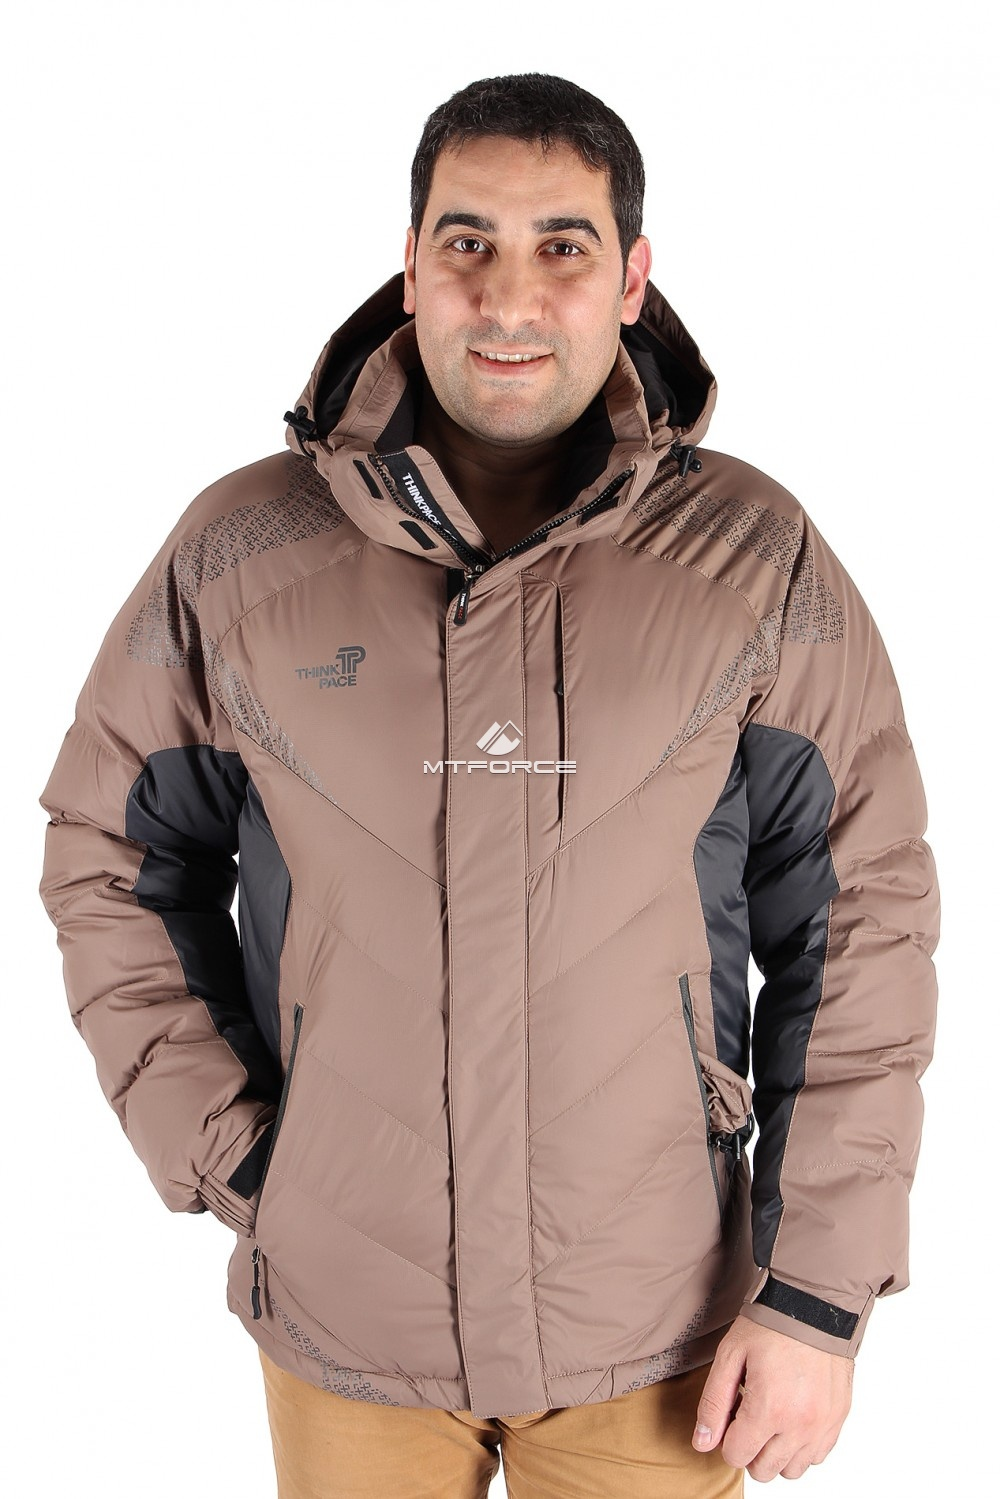 Купить                                  оптом Куртка зимняя мужская коричневого цвета 9421K в Санкт-Петербурге